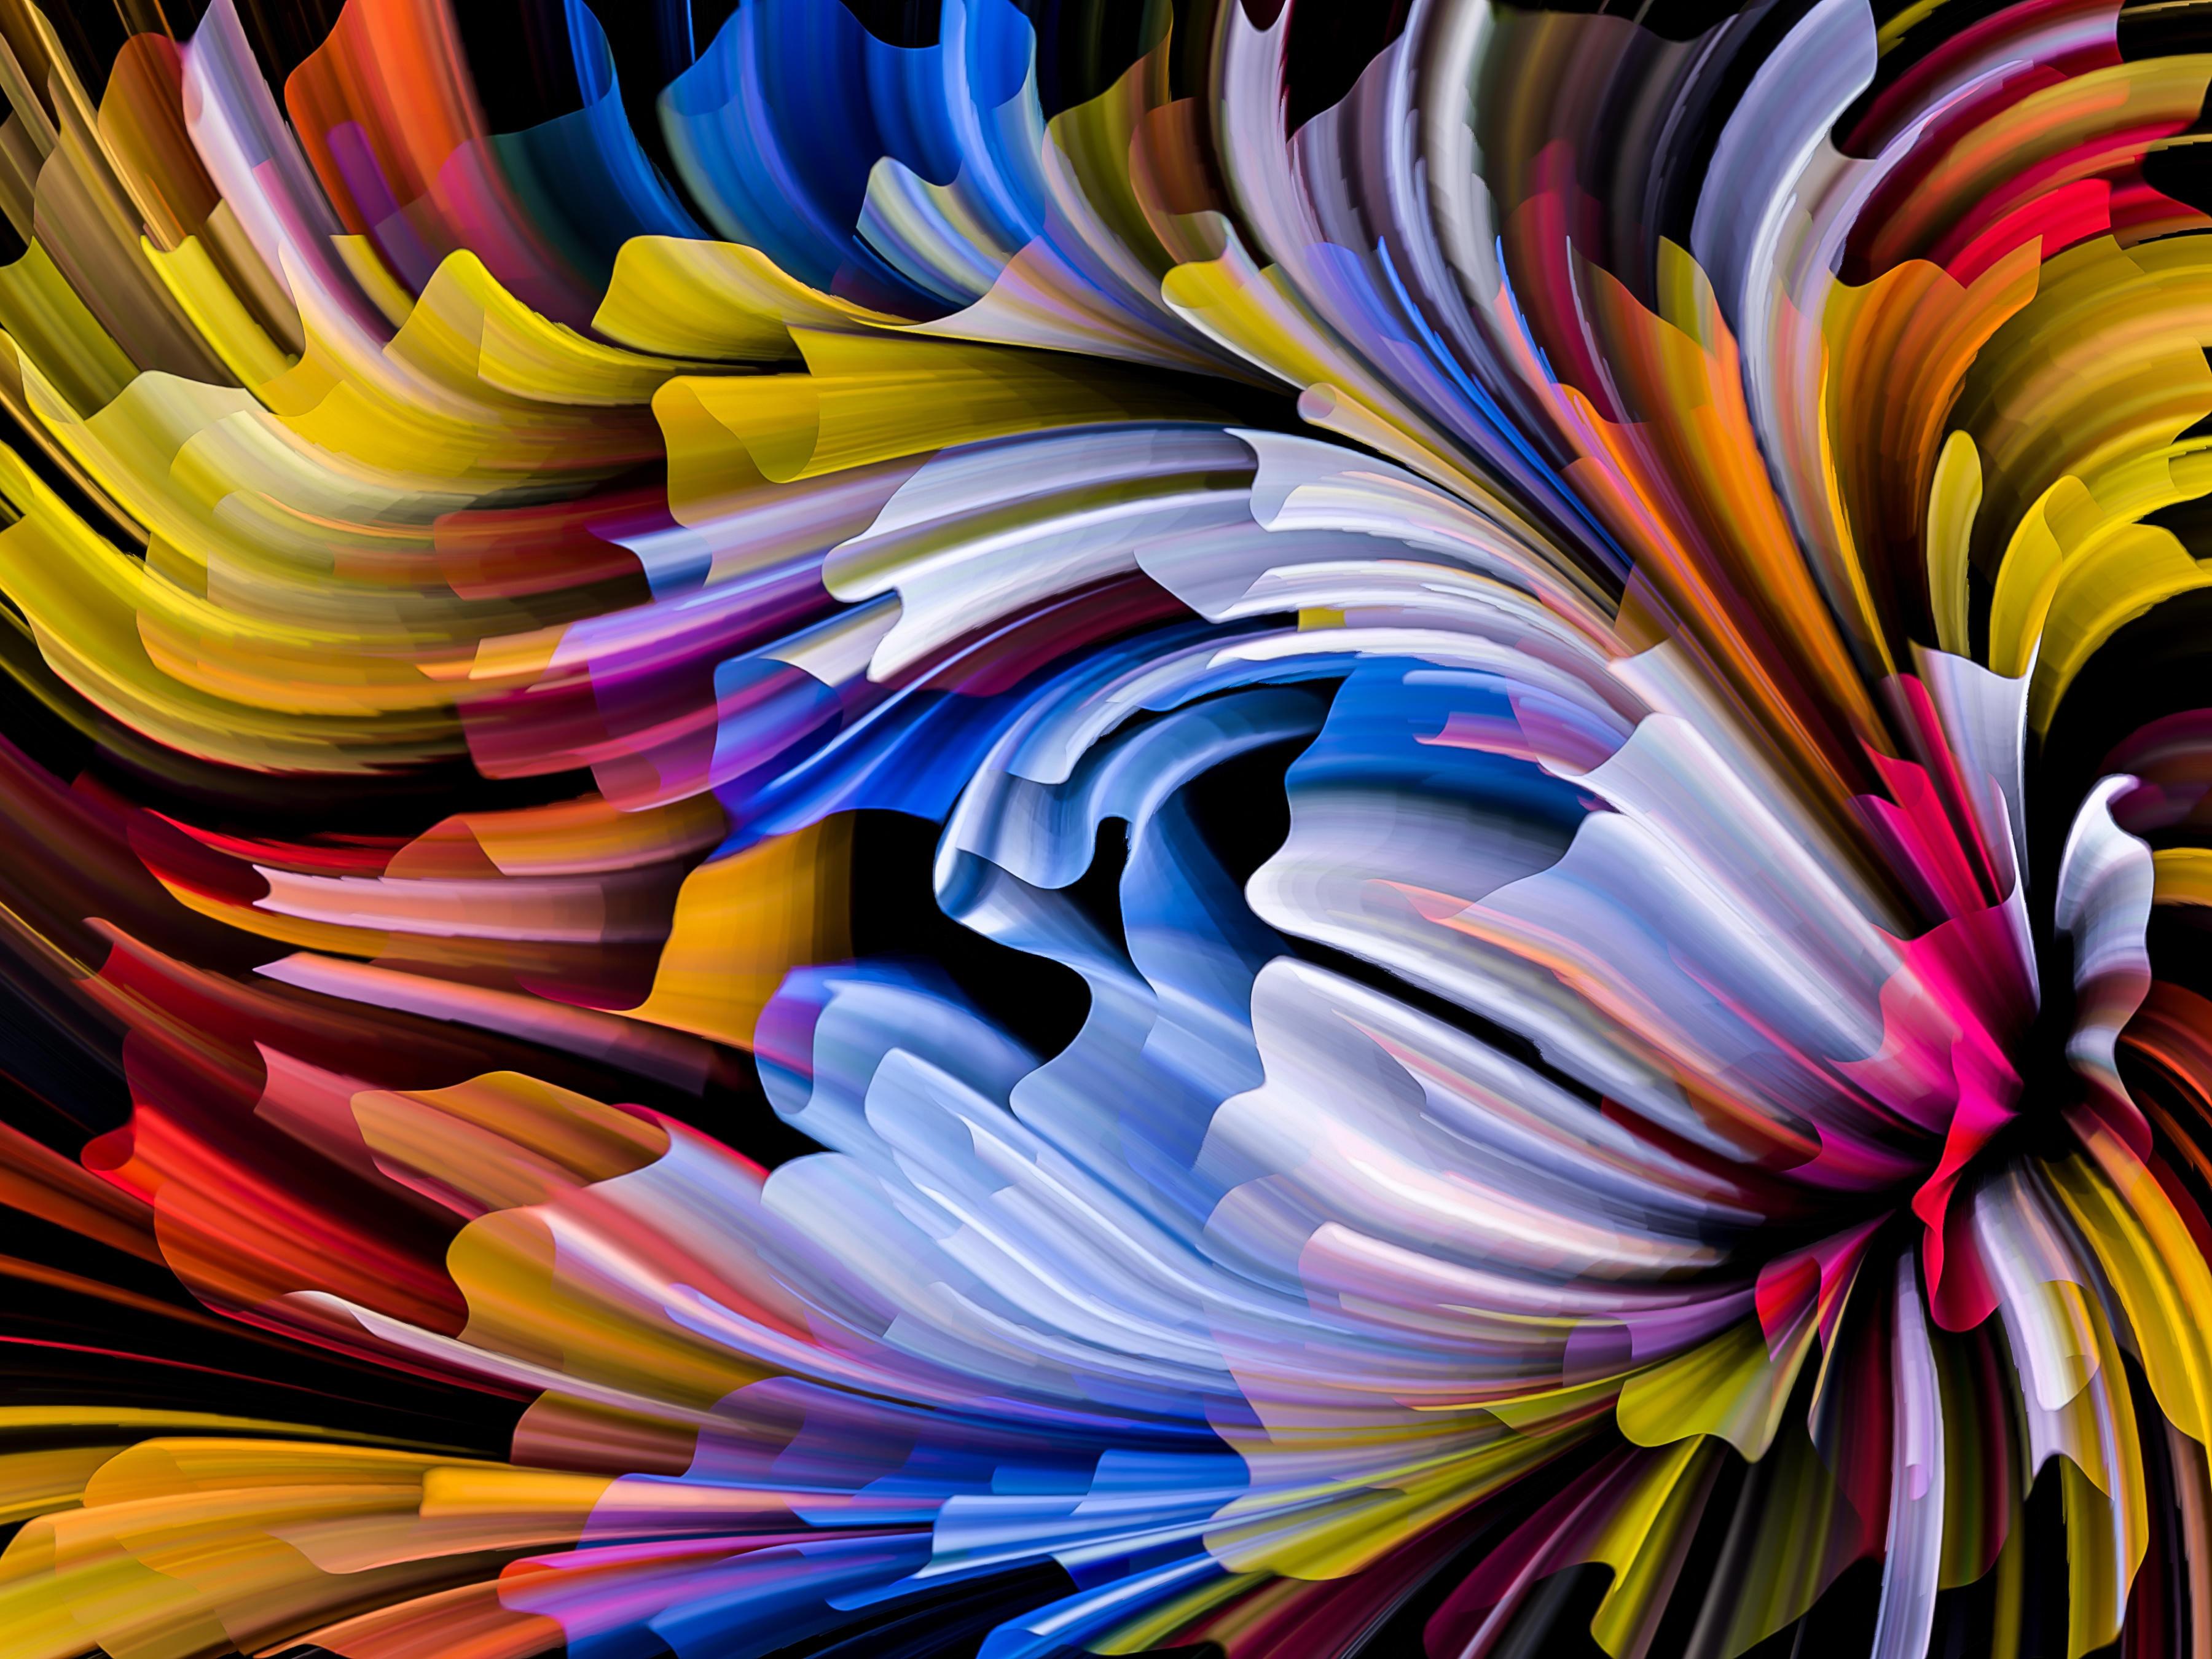 Обои абстракция, текстура, фон, фоны для дизайна